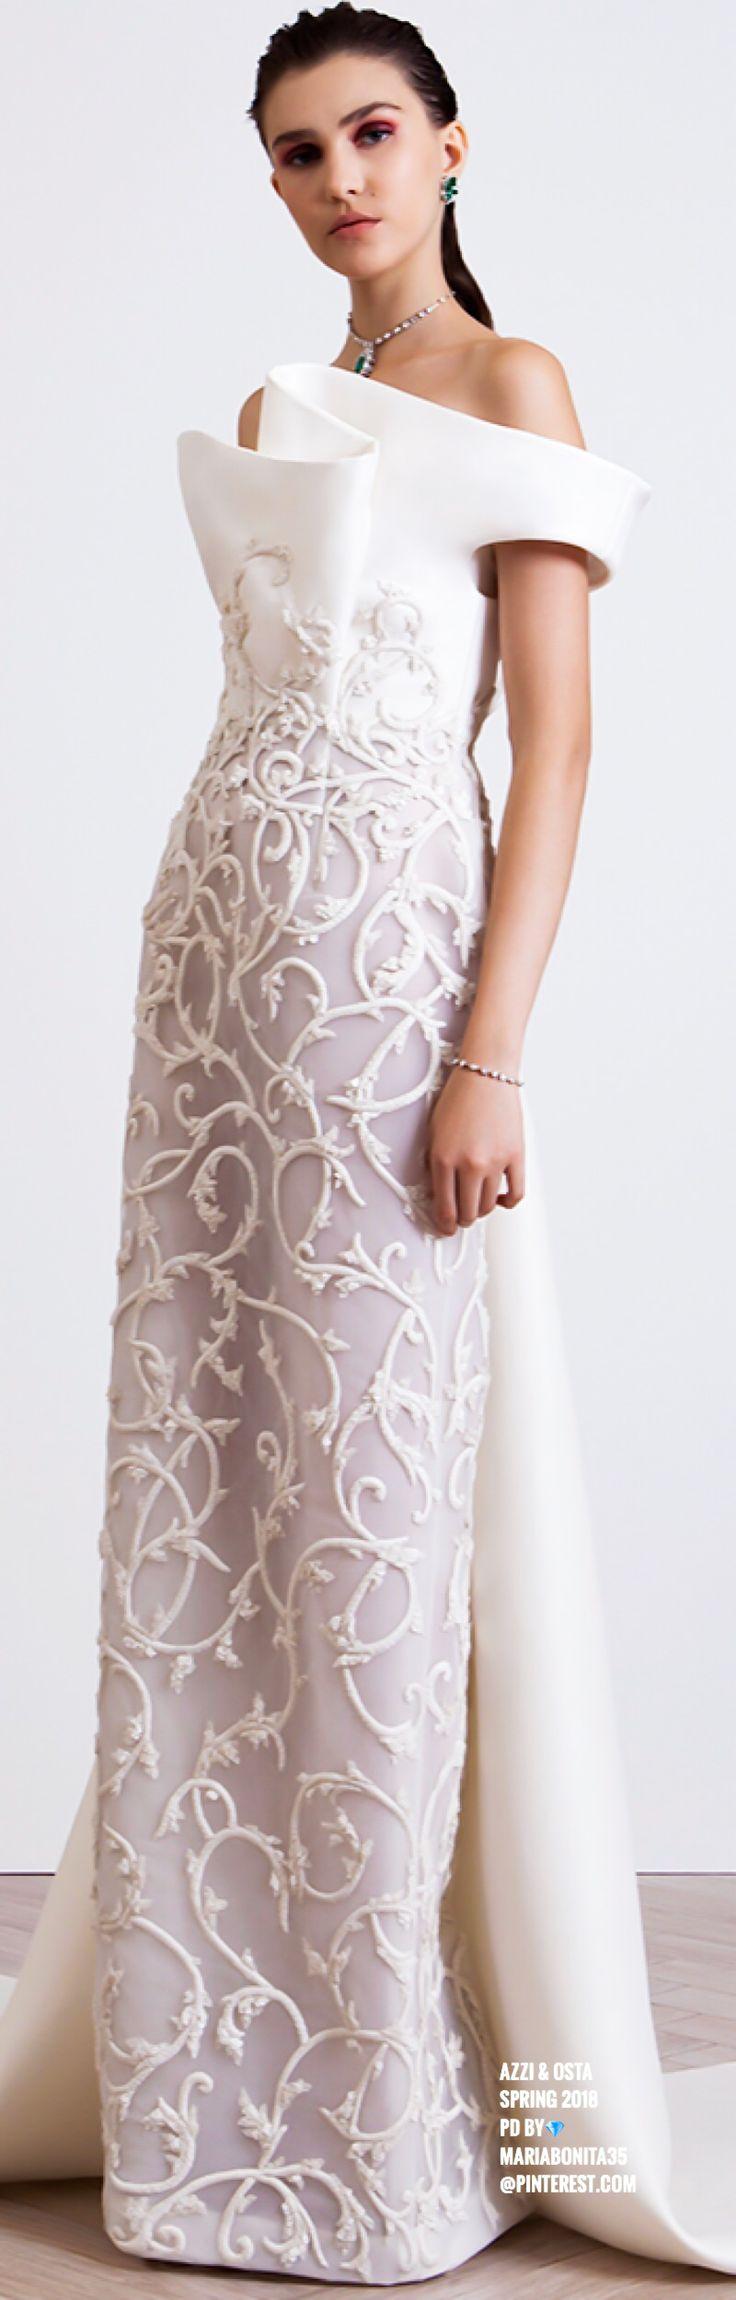 best Fashion images on Pinterest  Fashion history Wedding